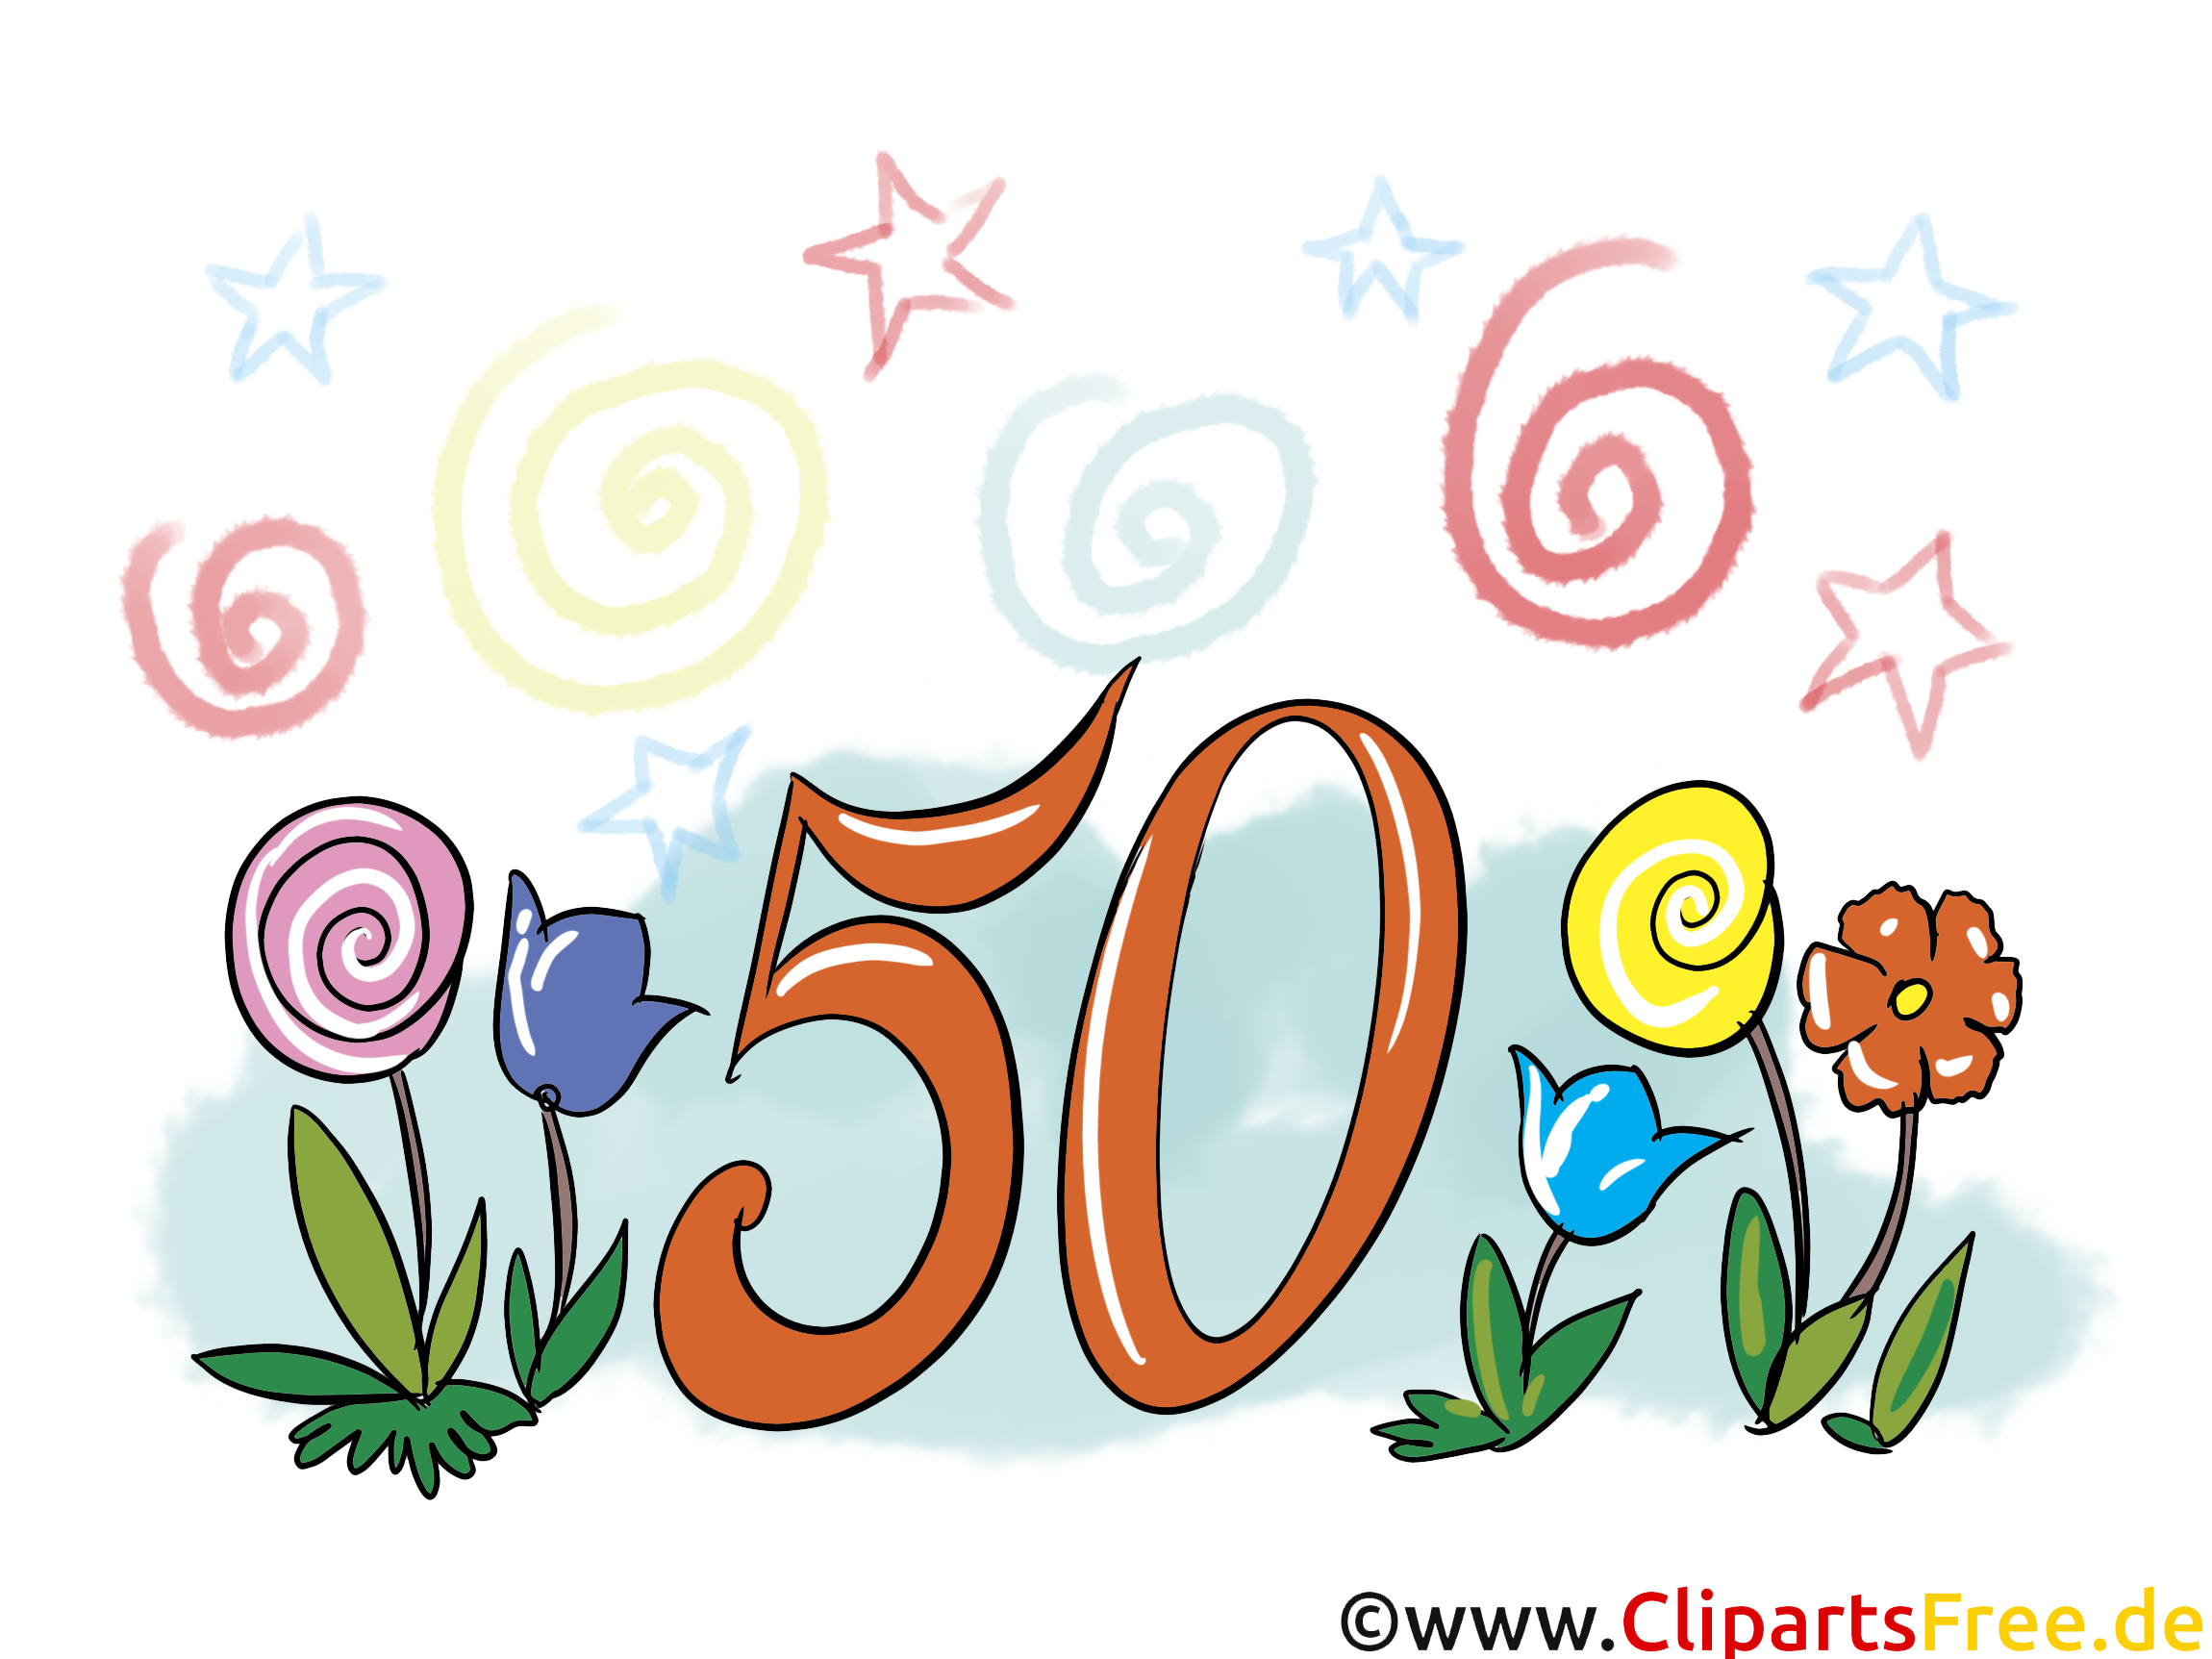 Fleurs 50 ans clip art gratuit – Anniversaire images